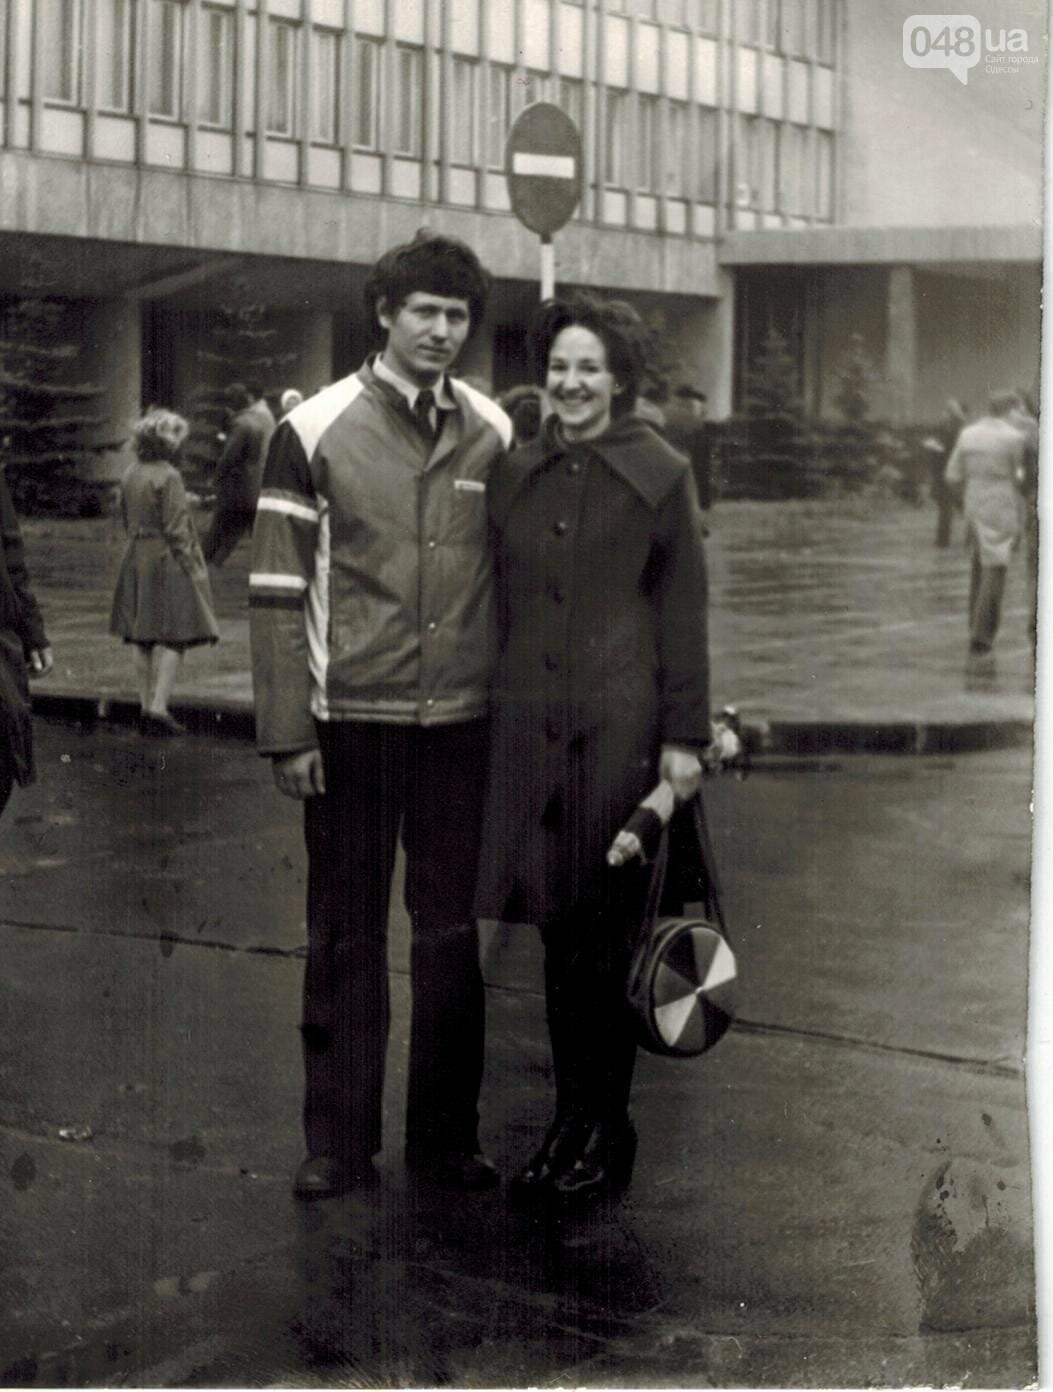 Старая Одесса на стиле: как одевались одесситы много лет назад, - ФОТО, фото-5